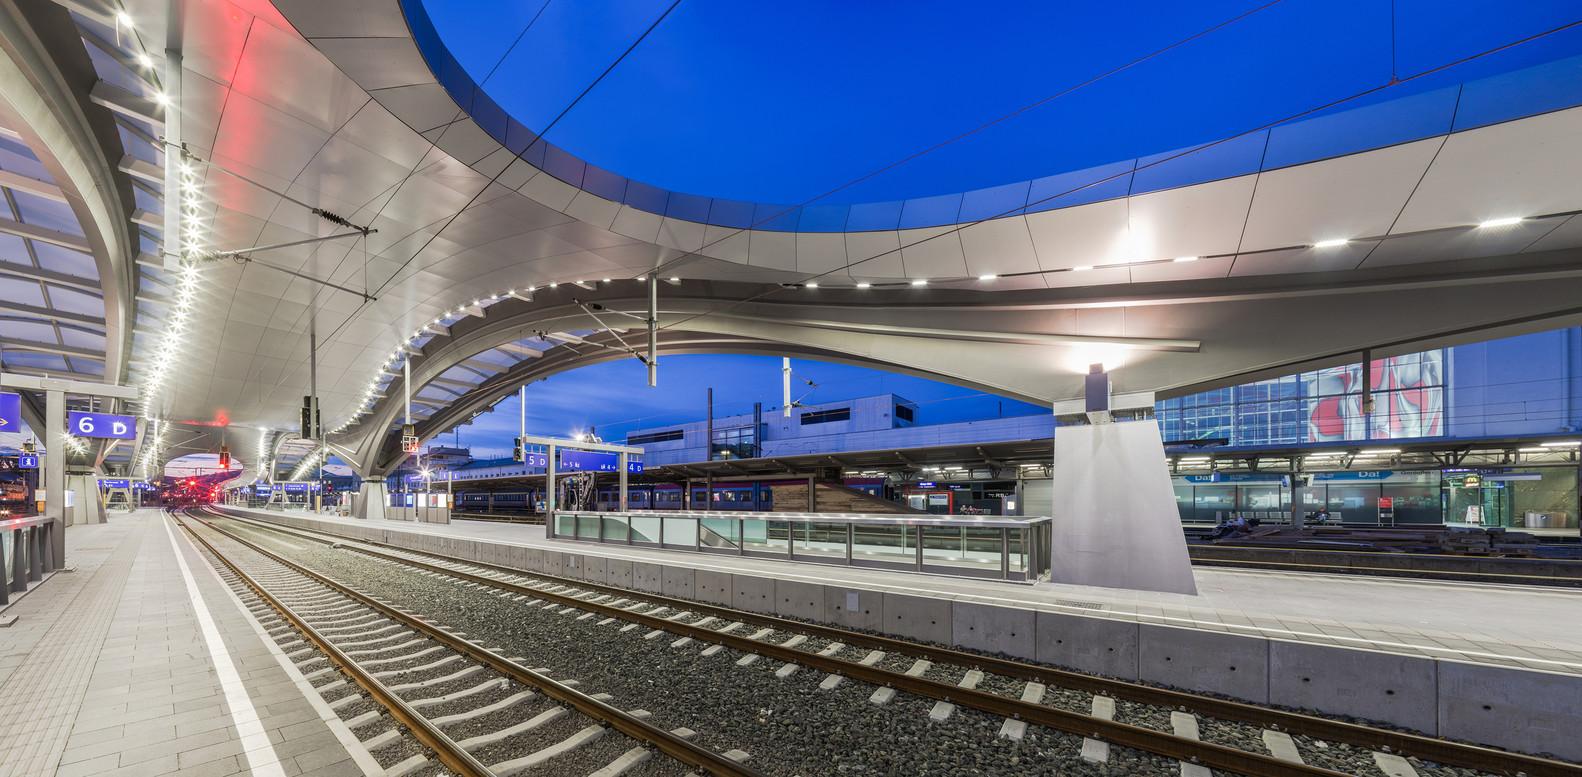 Оригинальный интерьер железнодорожного вокзала вокзала - Фото 3